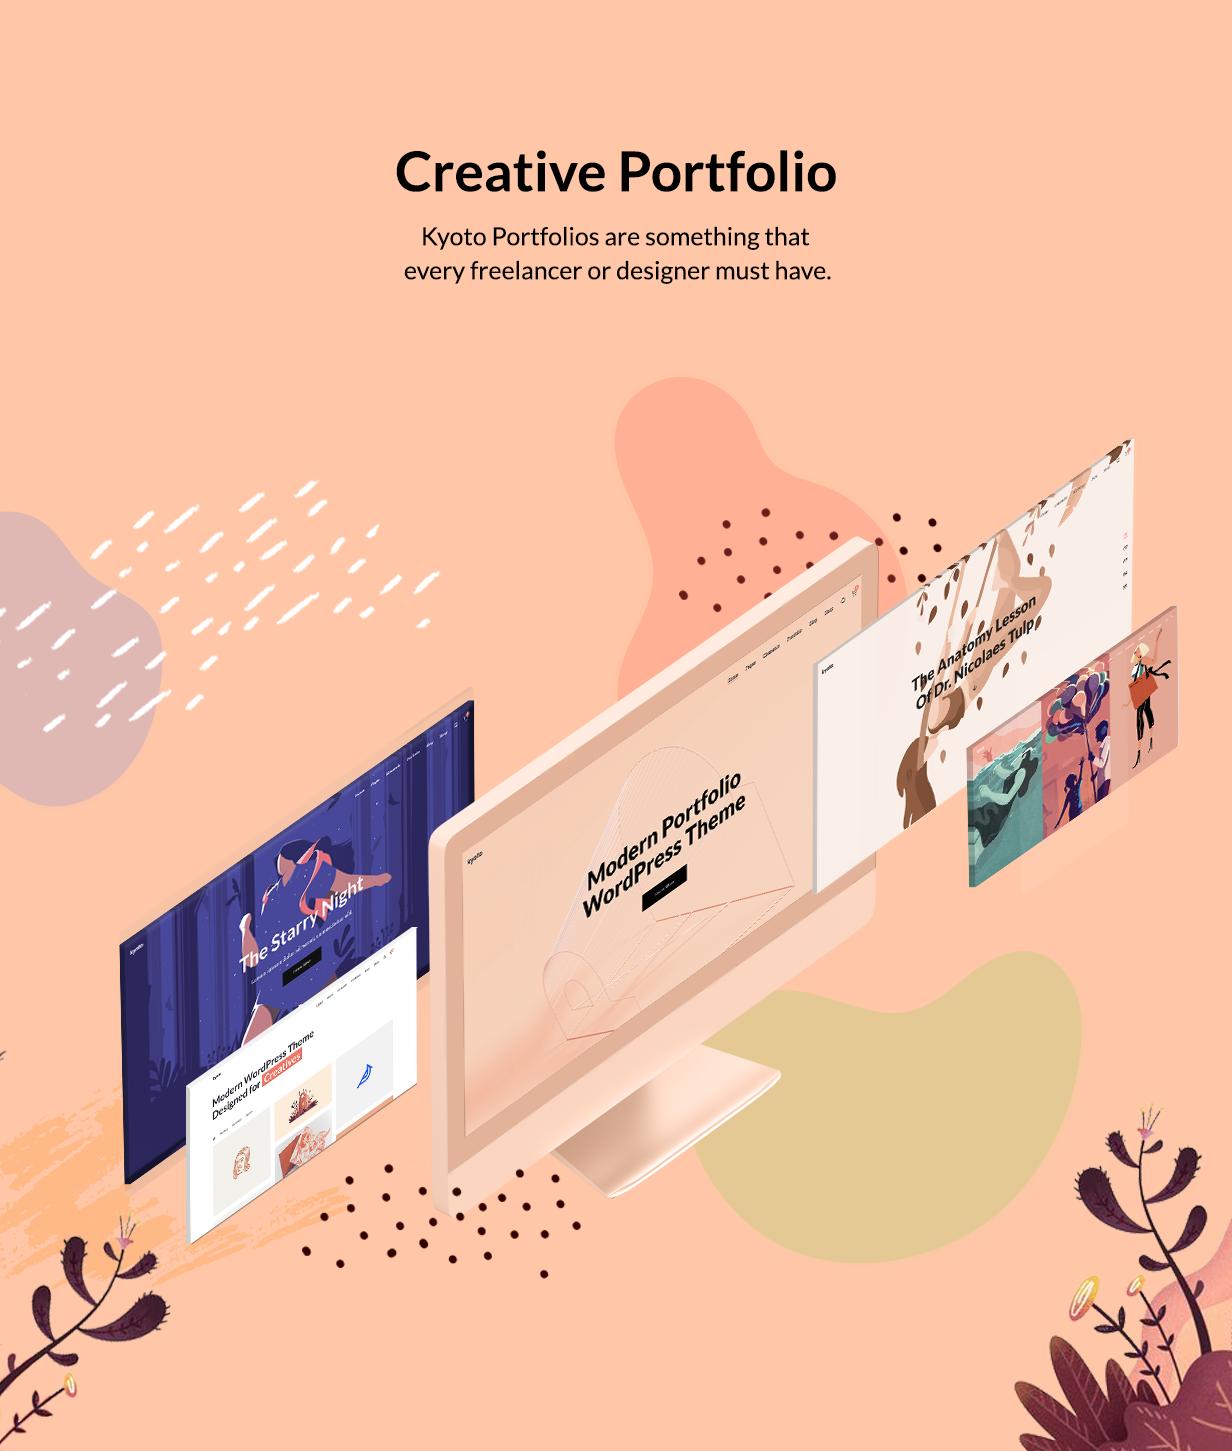 Kyoto - Innovatives Portfolio-Thema für Kreative